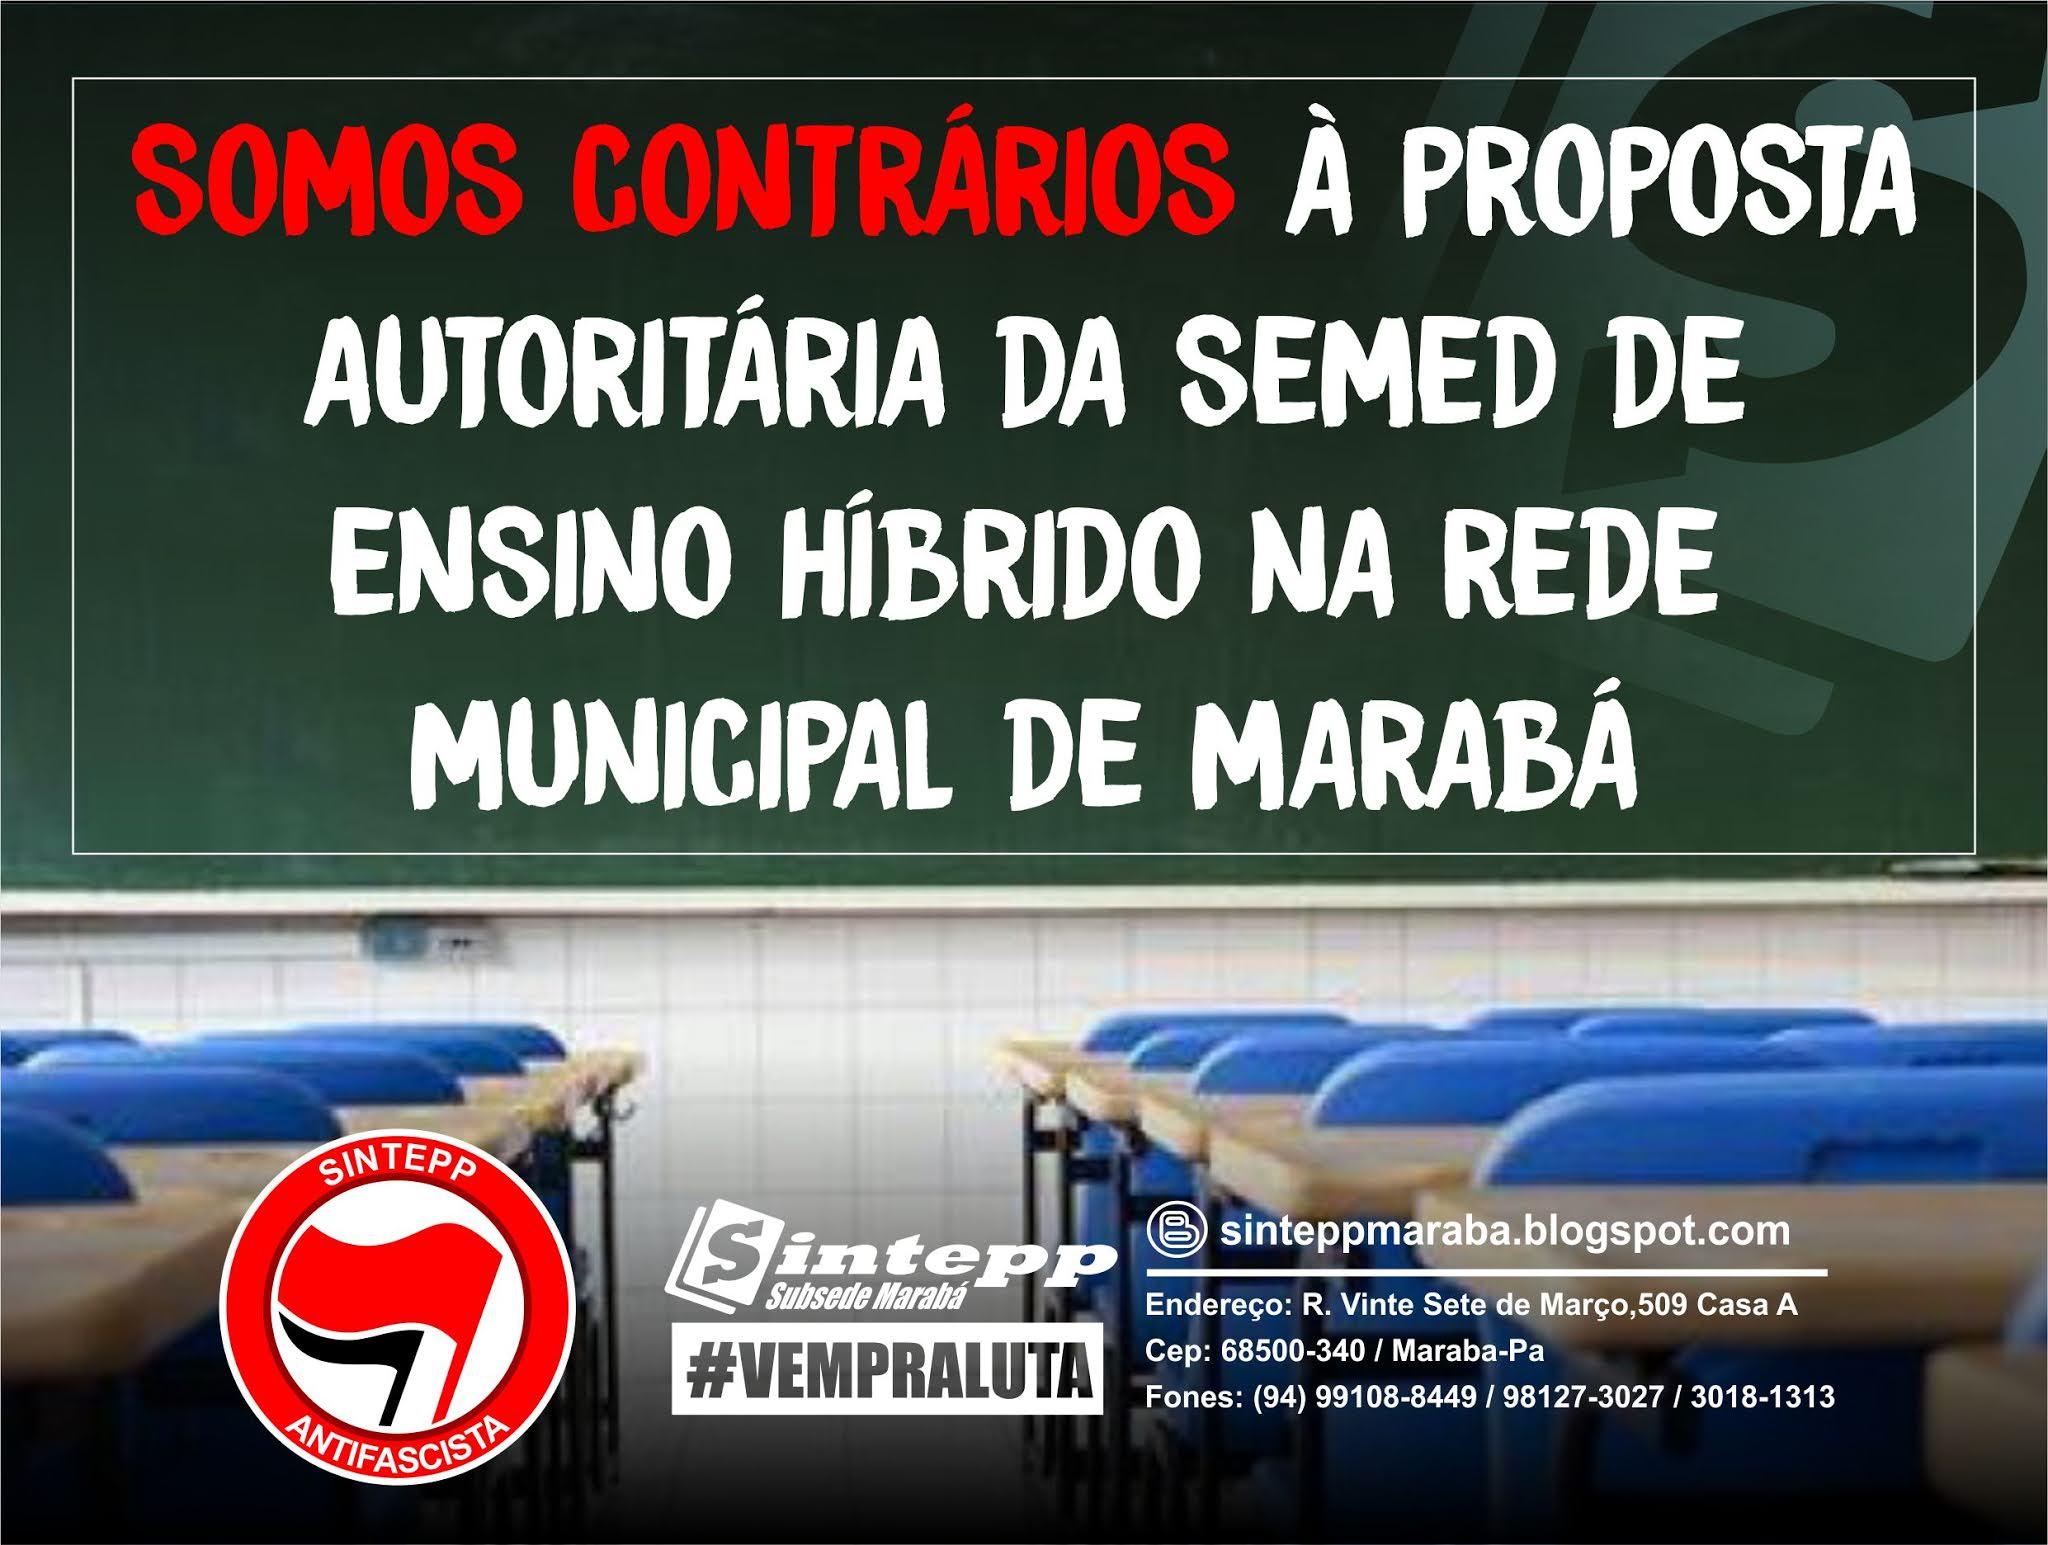 SINTEPP Marabá continua enfrentando as políticas autoritárias da SEMED/DEN